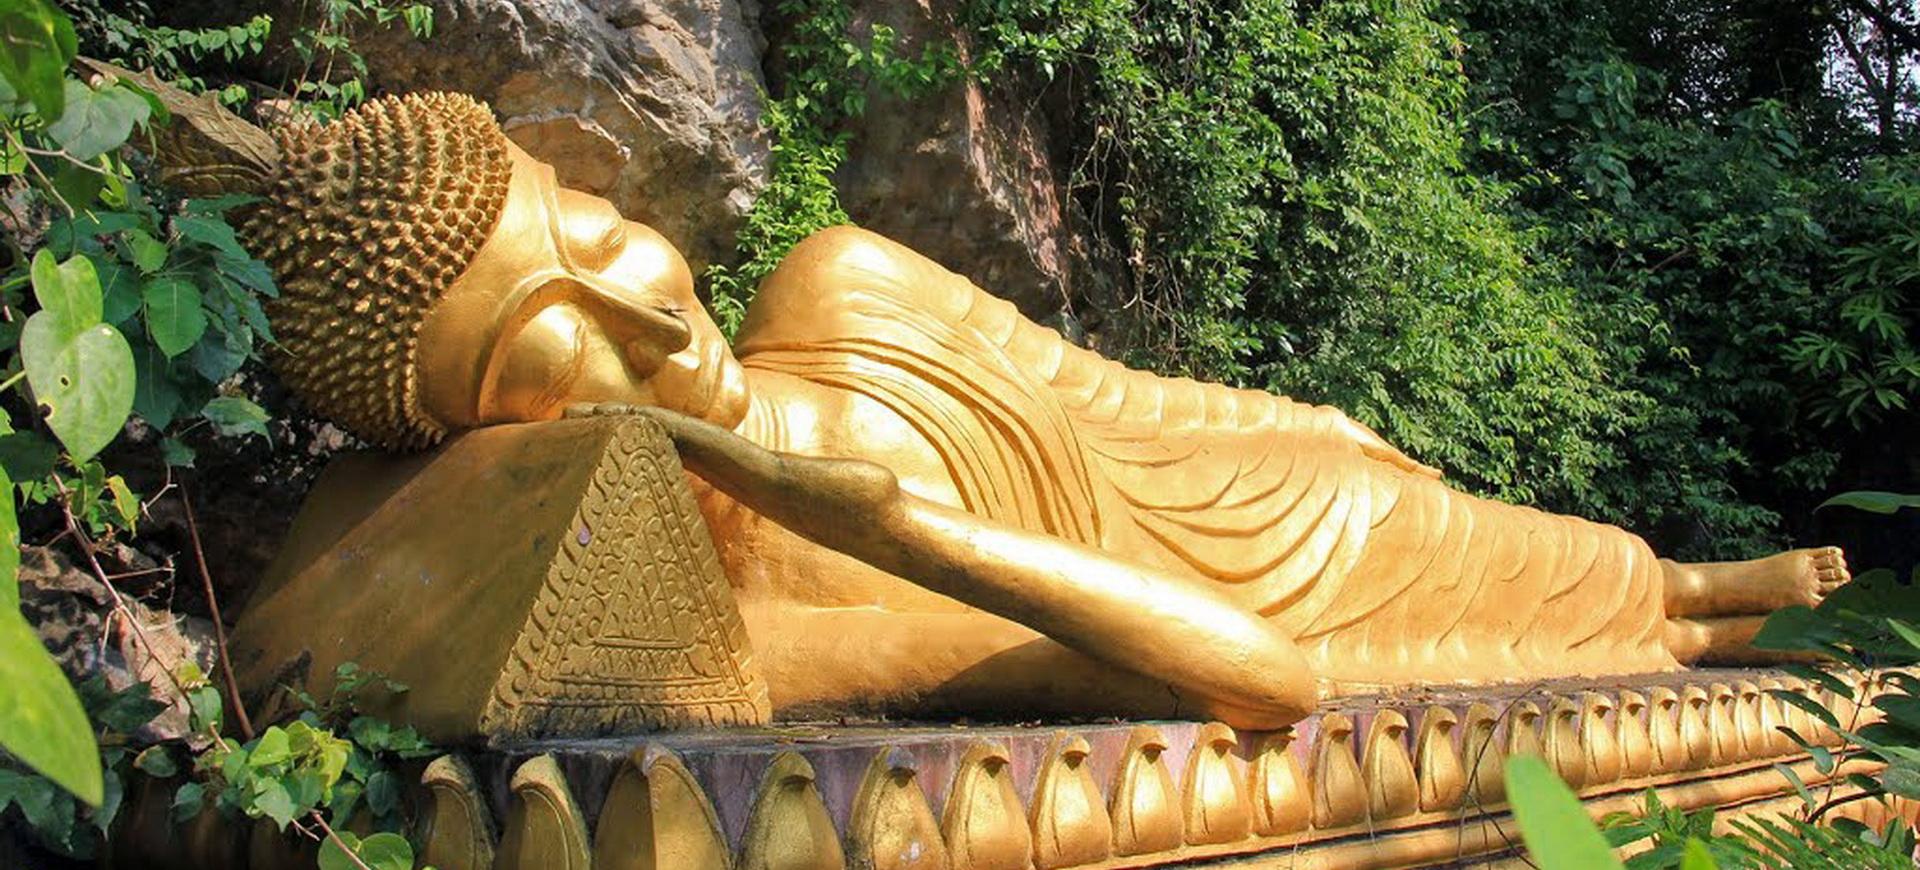 Conseils pratiques Laos